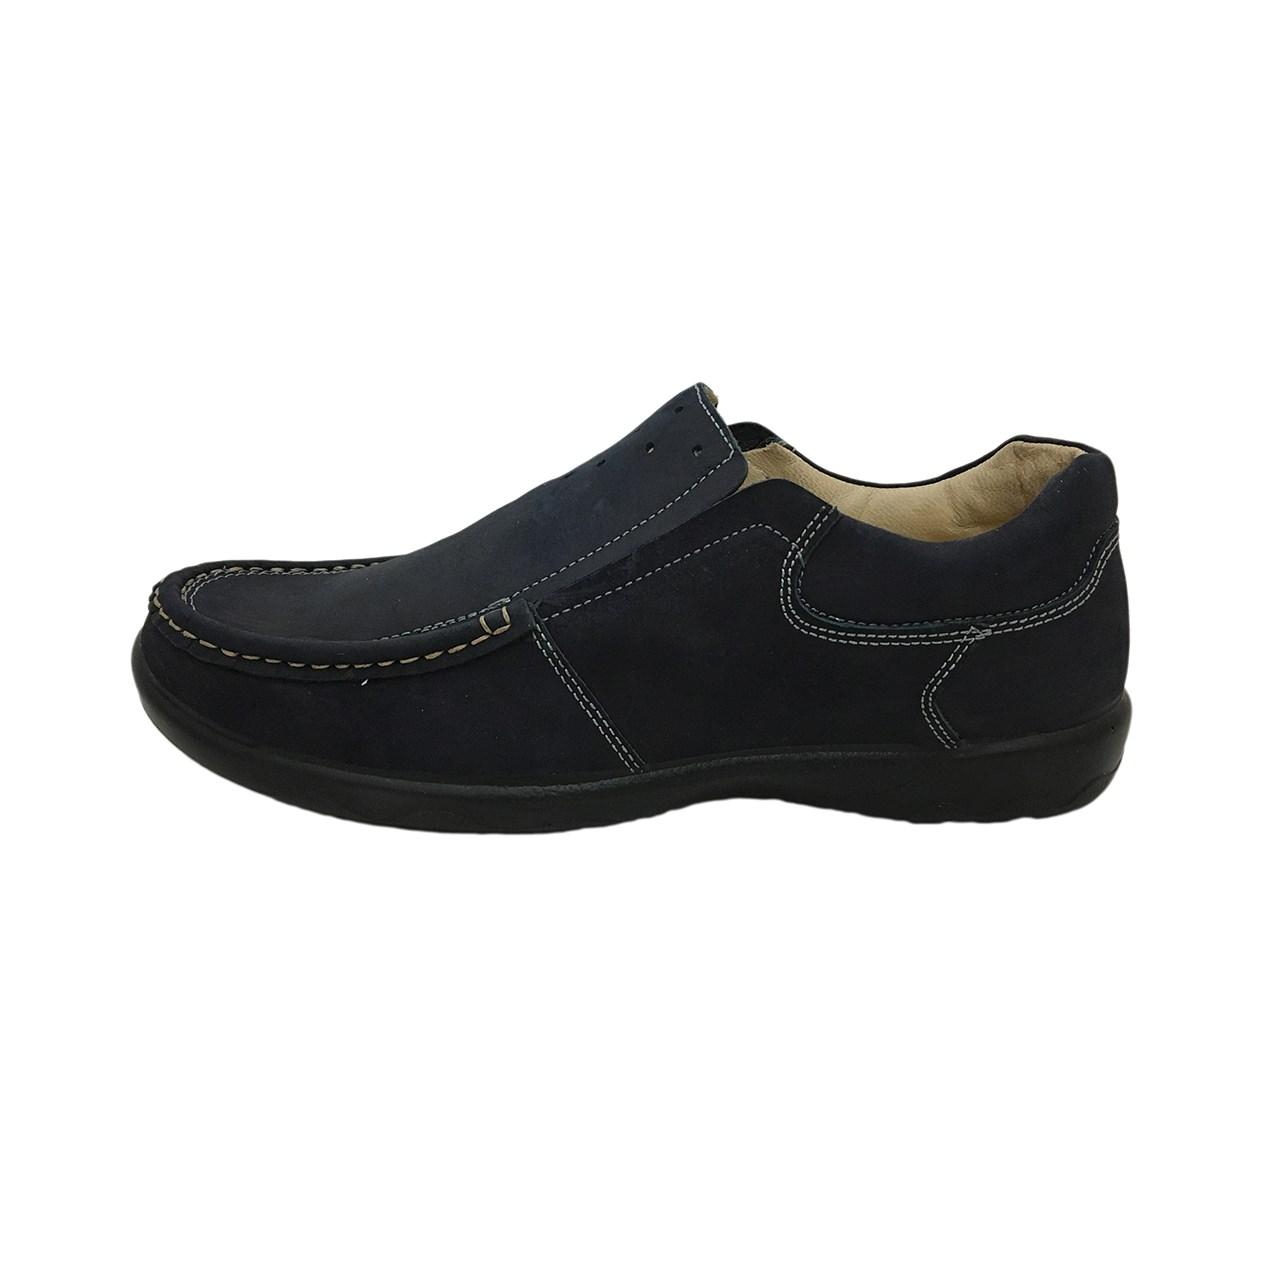 کفش راحتی مردانه آلبرتینی مدل رایان 1196